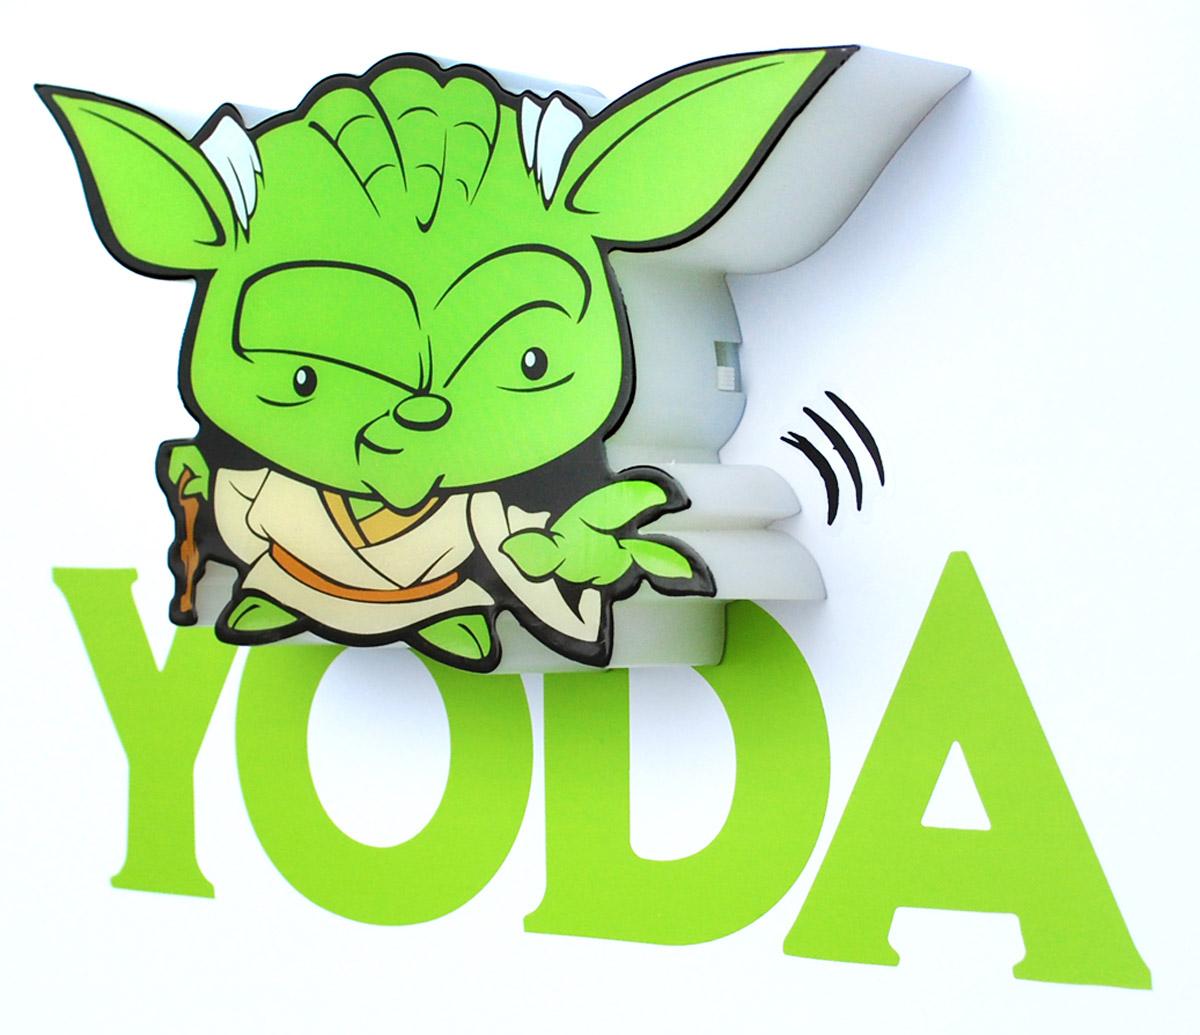 Star Wars Пробивной 3D мини-светильник Йода50019120Пробивной 3D мини-светильник Star Wars Йода обязательно понравится вашему ребенку.Особенности: Безопасный: без проводов, работает от батареек (2хААА, не входят в комплект);Не нагревается: всегда можно дотронуться до изделия;Реалистичный: 3D наклейка в комплекте;Фантастический: выглядит превосходно в любое время суток;Удобный: простая установка (автоматическое выключение через полчаса непрерывной работы).Товар предназначен для детей старше 3 лет. ВНИМАНИЕ! Содержит мелкие детали, использовать под непосредственным наблюдением взрослых.